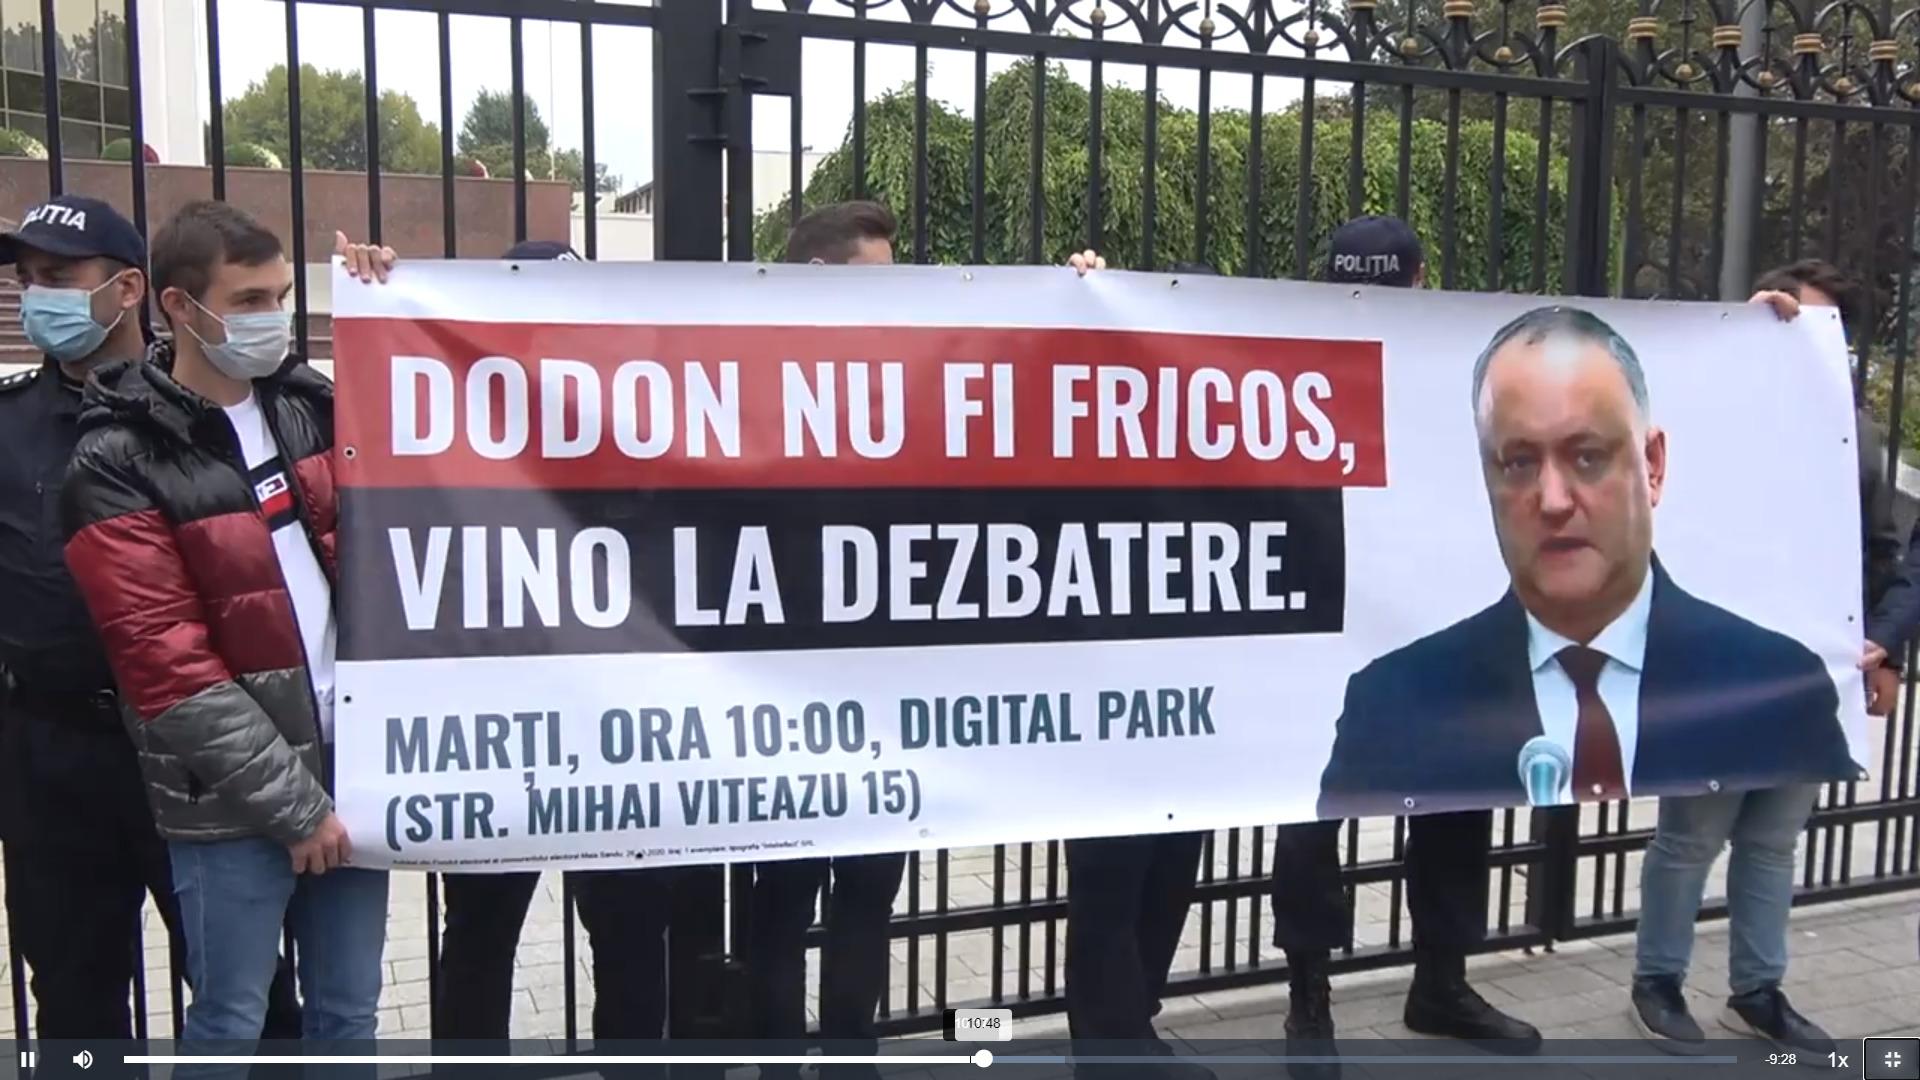 Susținătorii PAS au venit la președinție ca să îl cheme pe Igor Dodon la dezbateri. Poliția nu i-a lăsat să pună un banner pe gard (VIDEO)